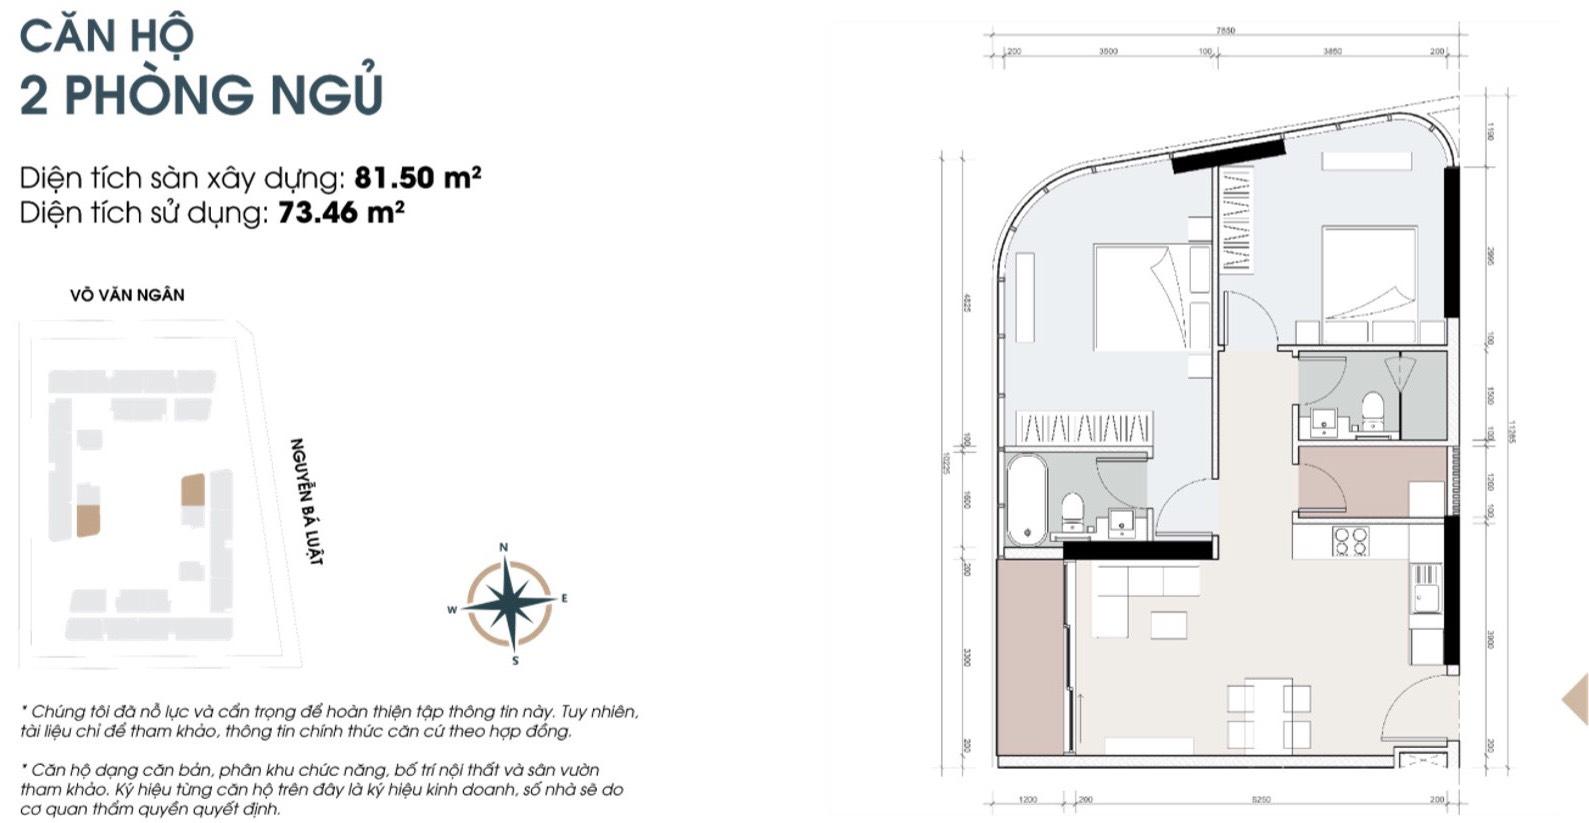 Thiết kế căn 2 phòng ngủ góc 81m2 dự án căn hộ King Crown Thủ Đức